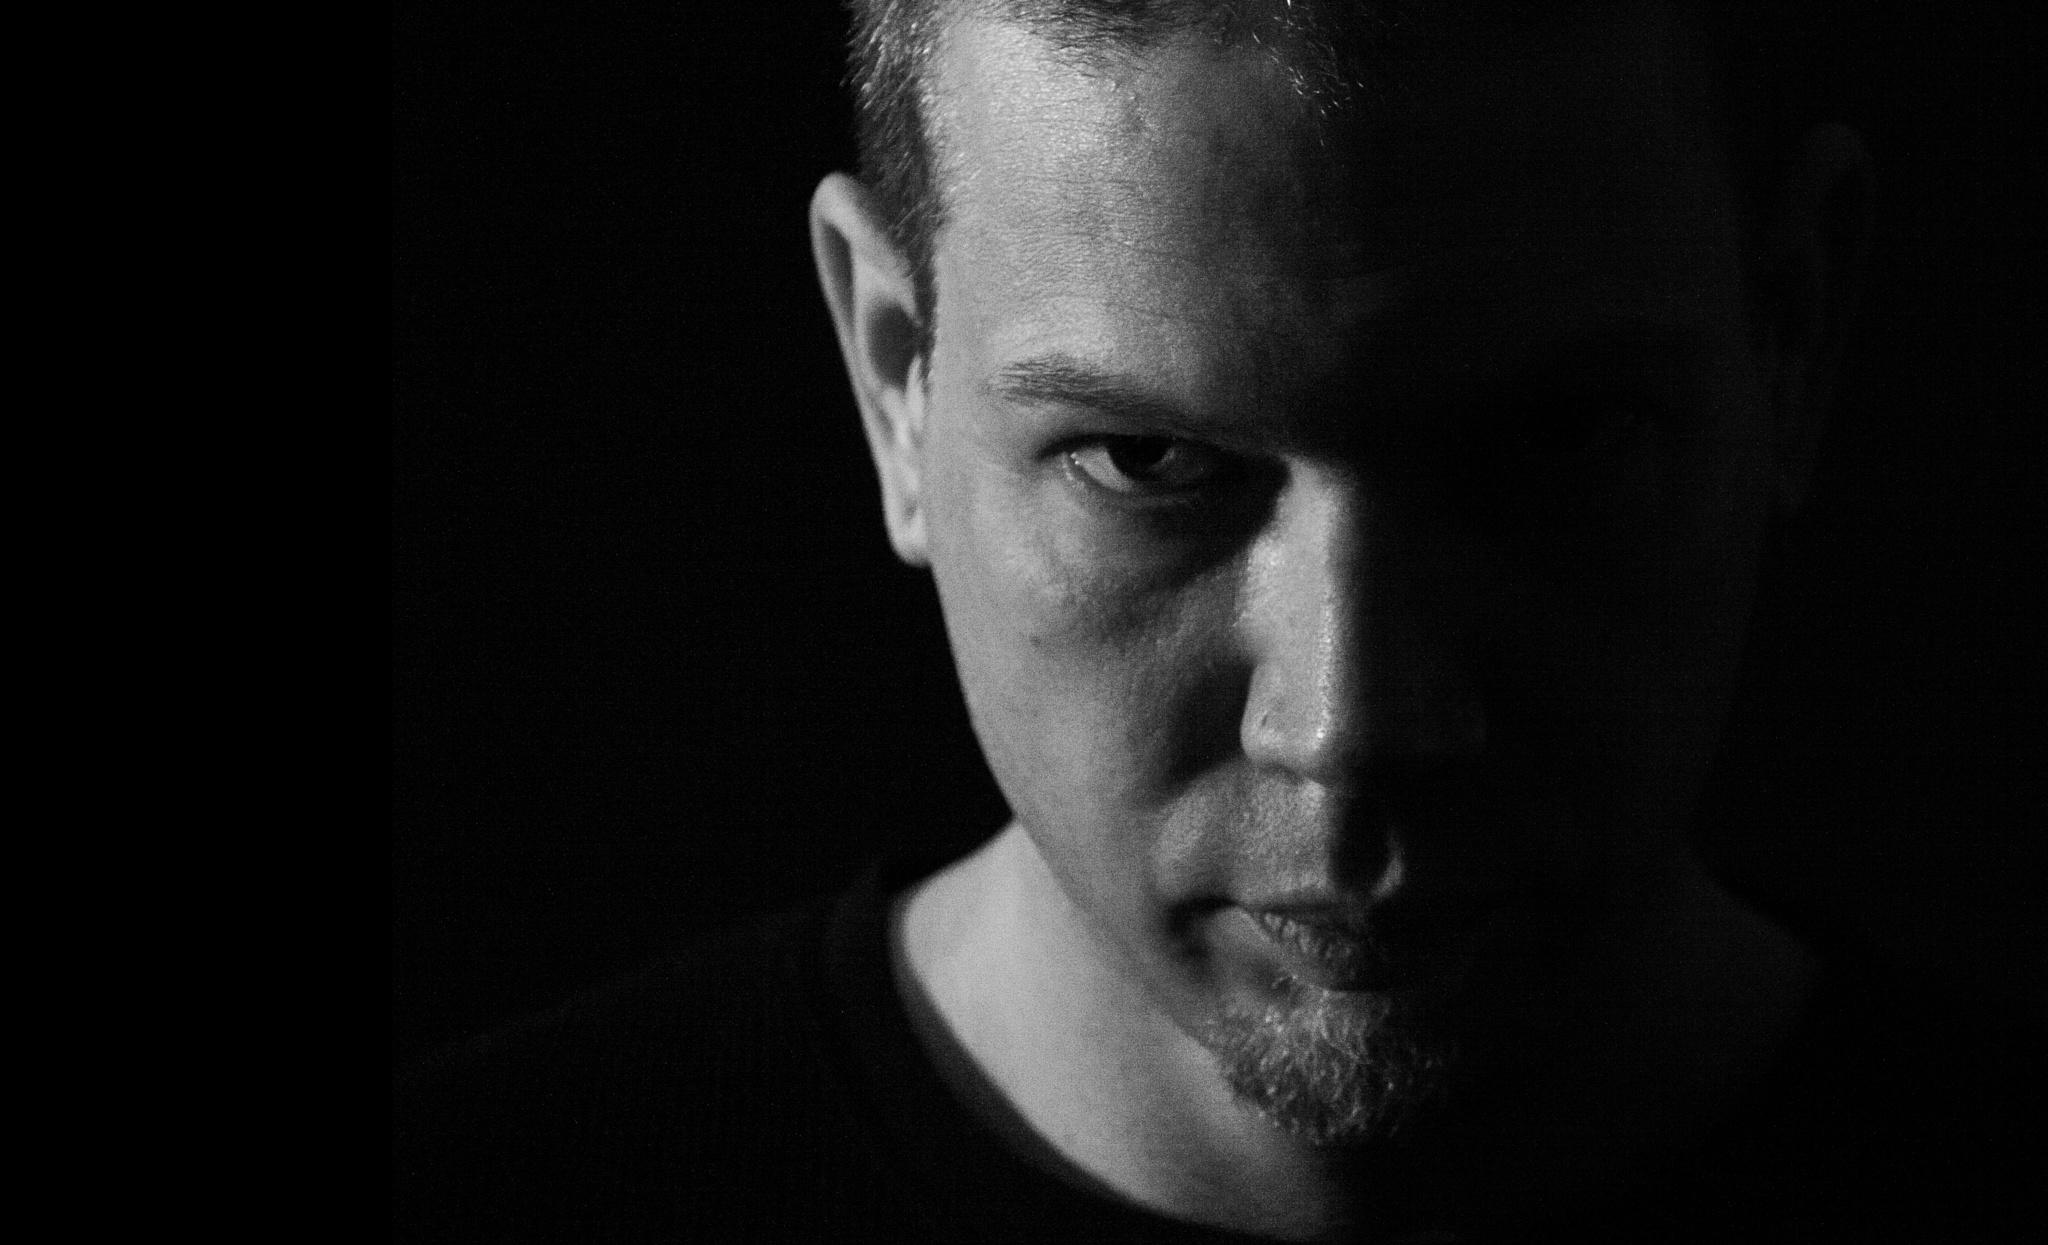 2016 Self Portrait by Jeff Blank